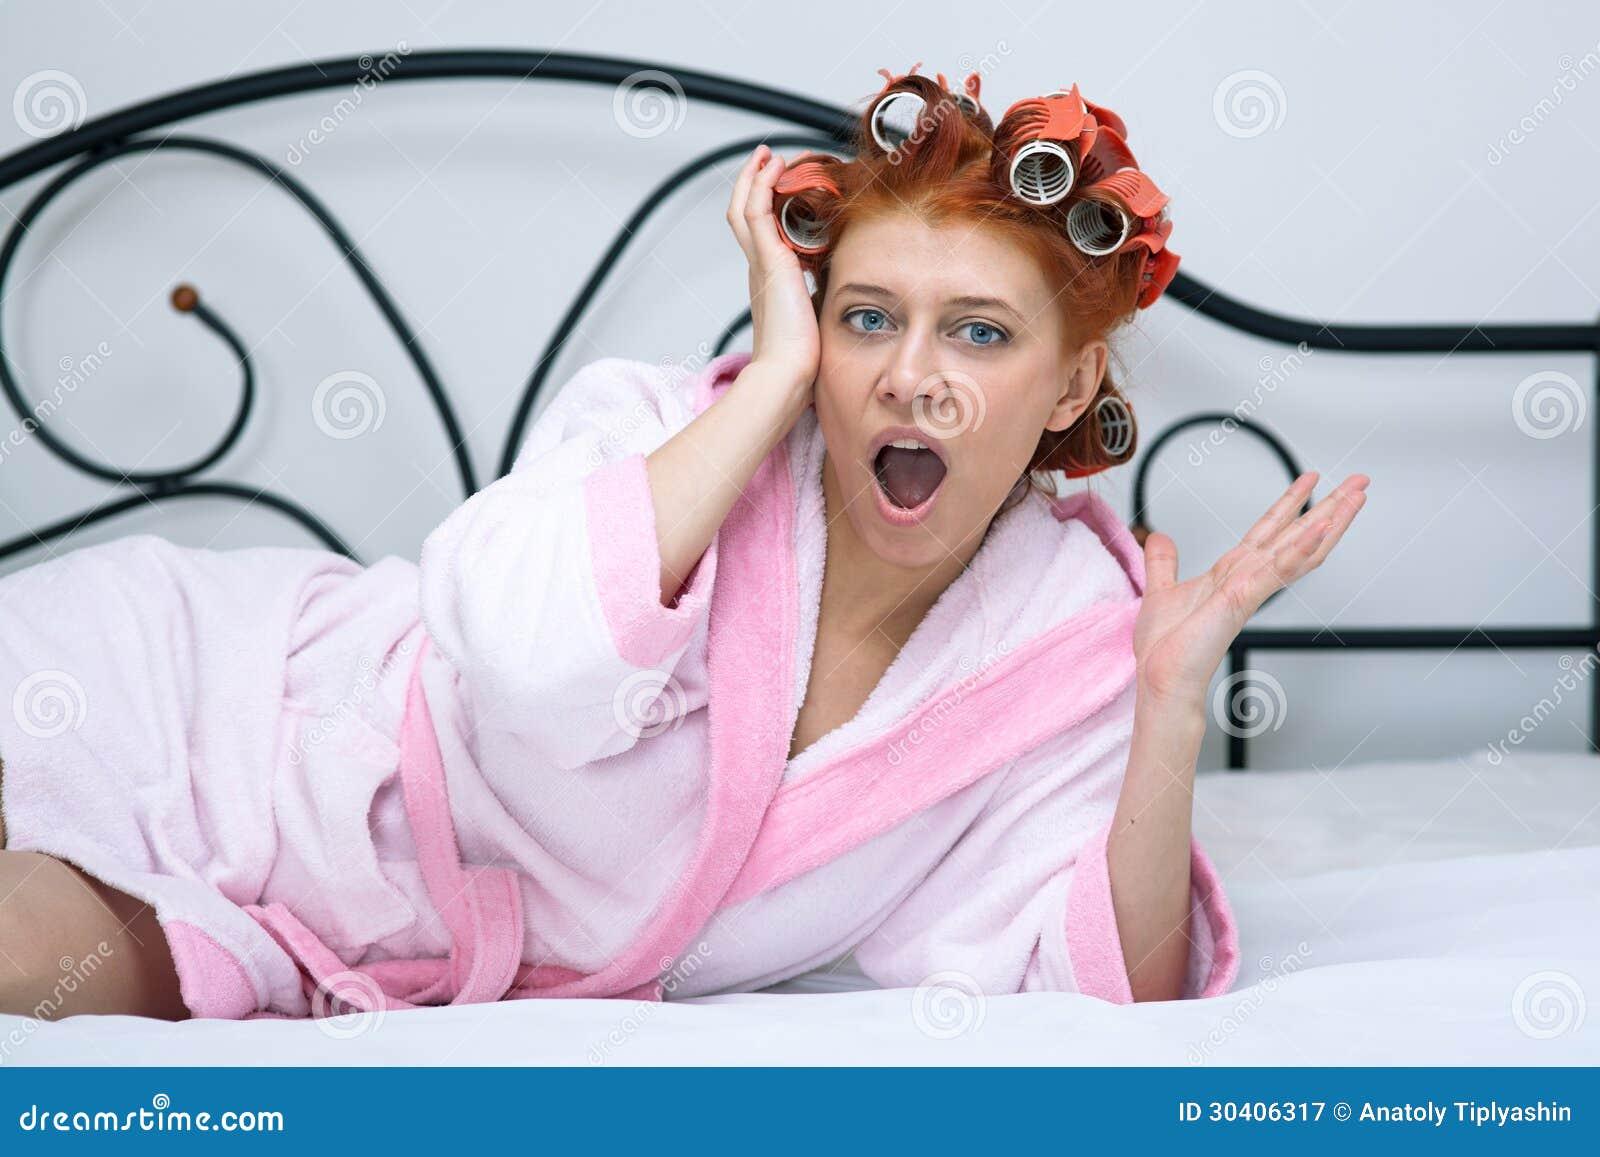 Mädchen In Den Lockenwicklern Auf Dem Bett Lizenzfreie ...